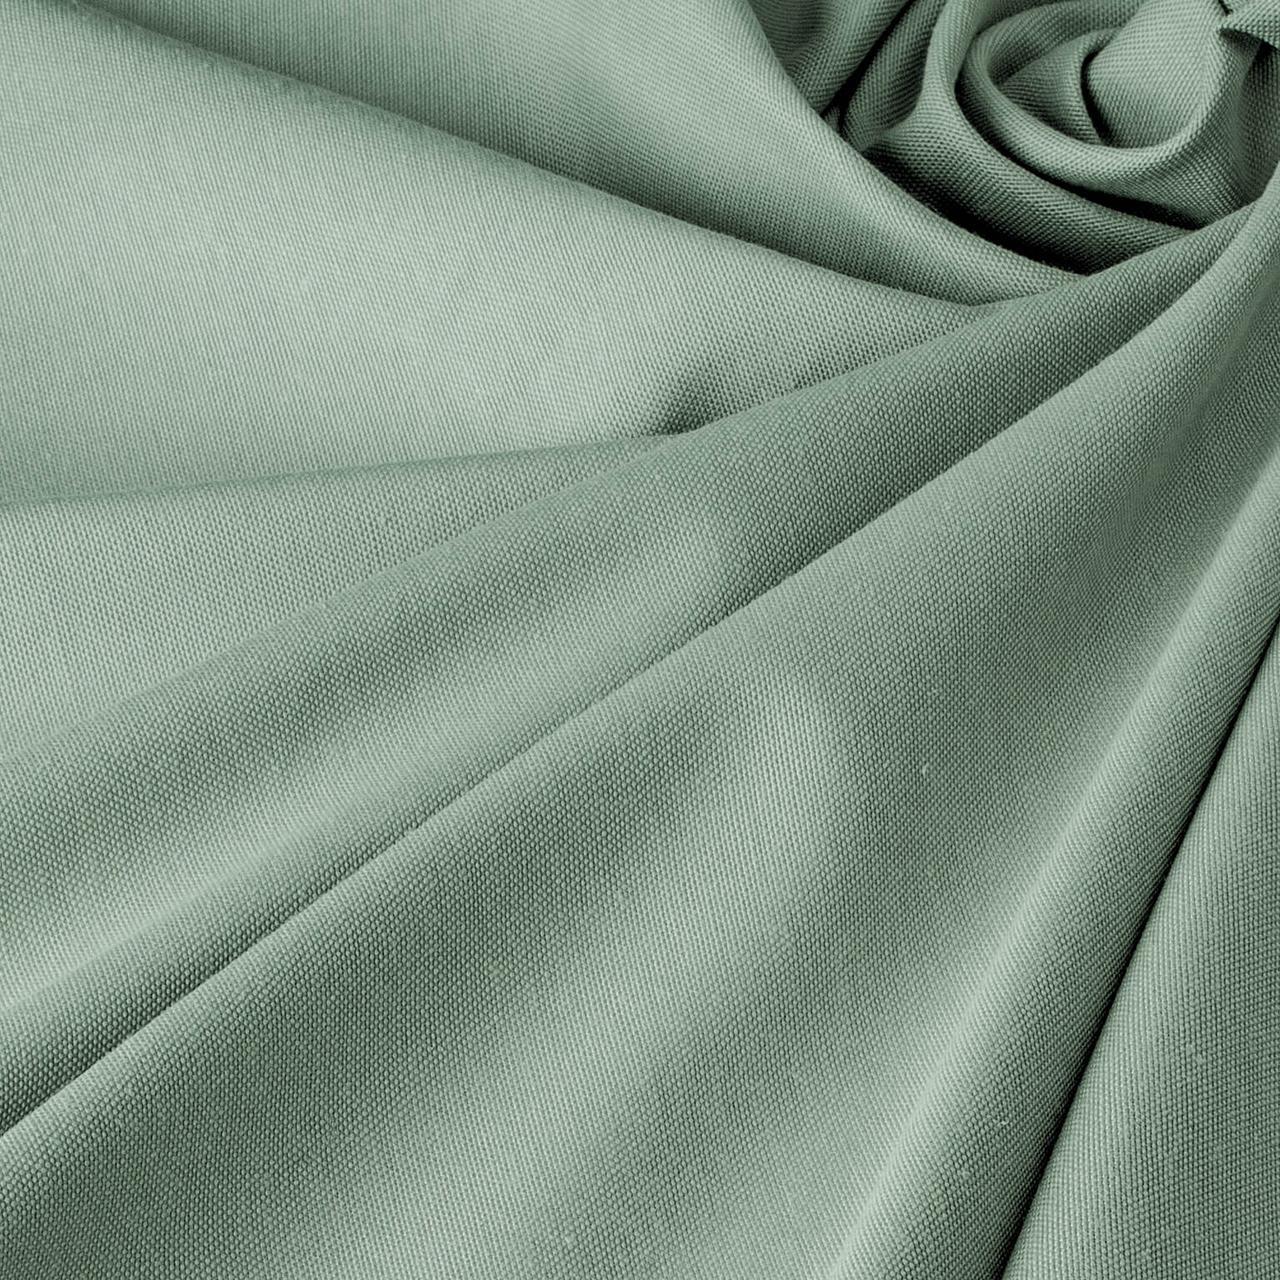 Ткань для штор и скатертей Teflon DRM v 4670